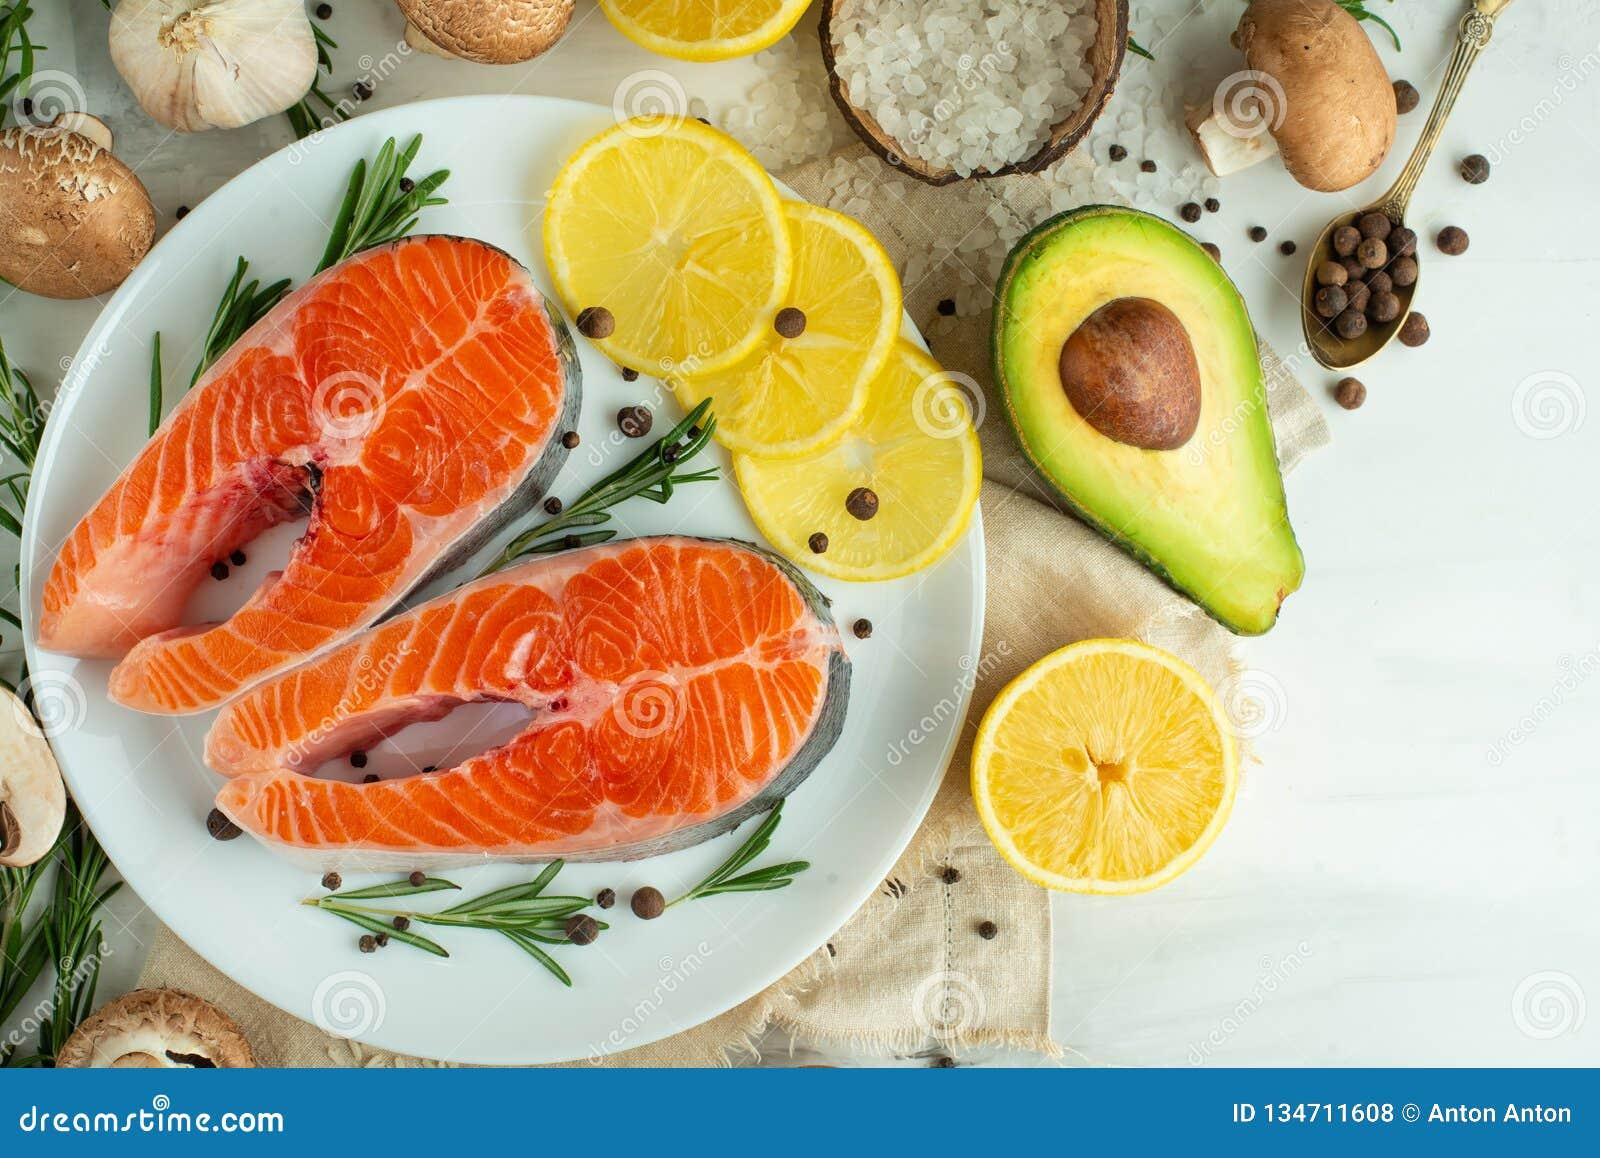 Heerlijke verse vissenlapjes vlees, zalm, forel Met groenten, delicatessenwinkel, veganistvoedsel, dieet en Dotex